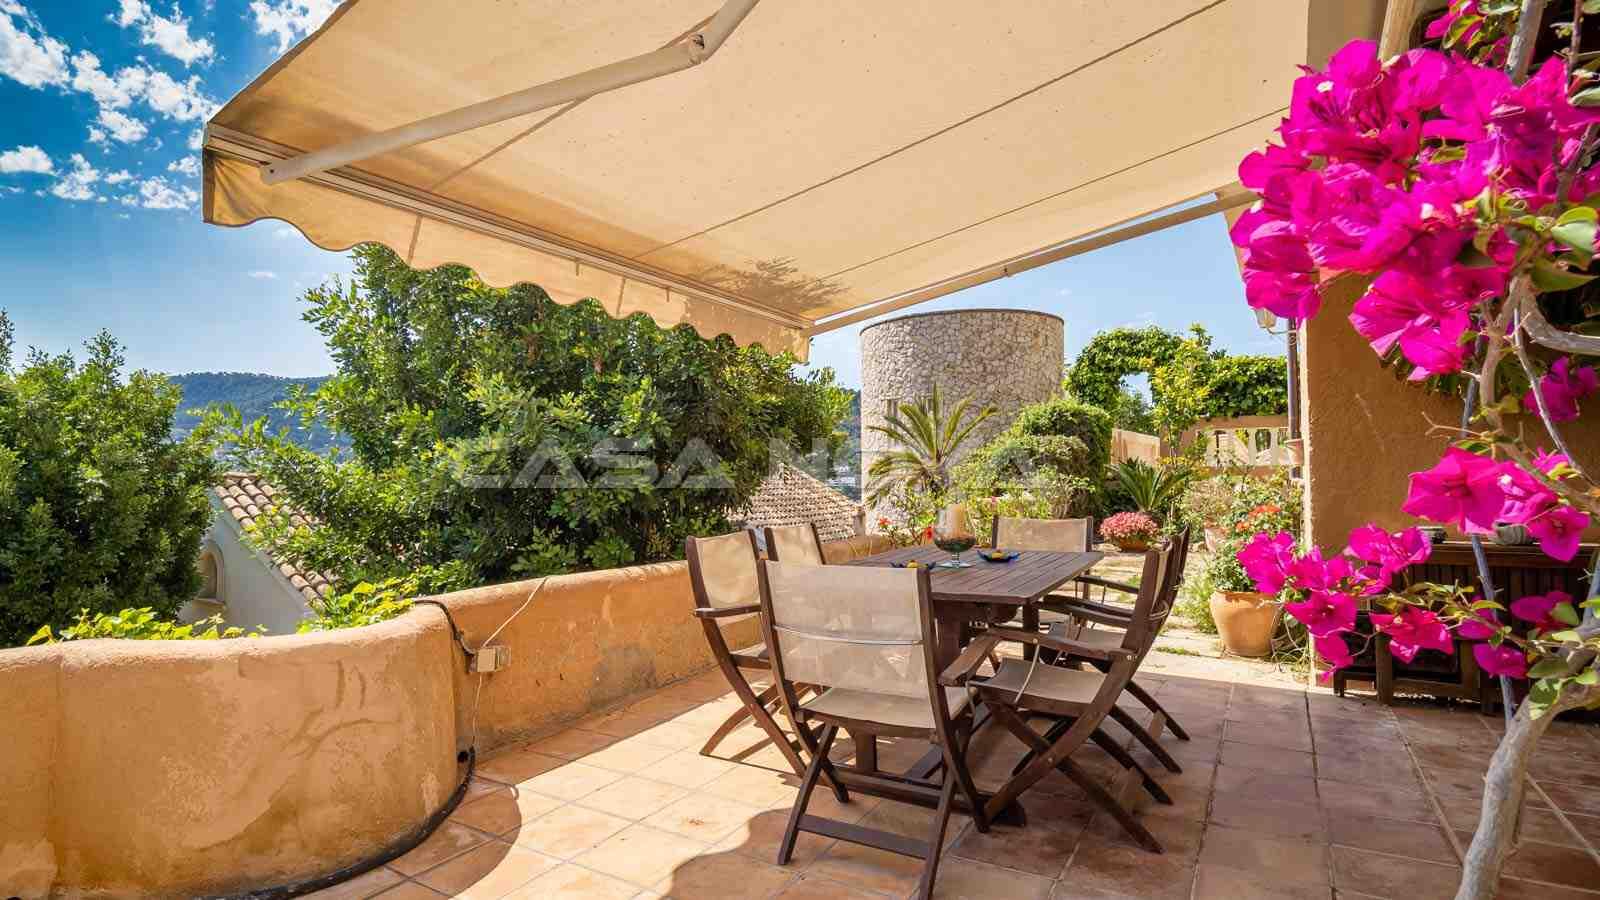 Einladendes Mallorca Apartment mit ruhigem Blick